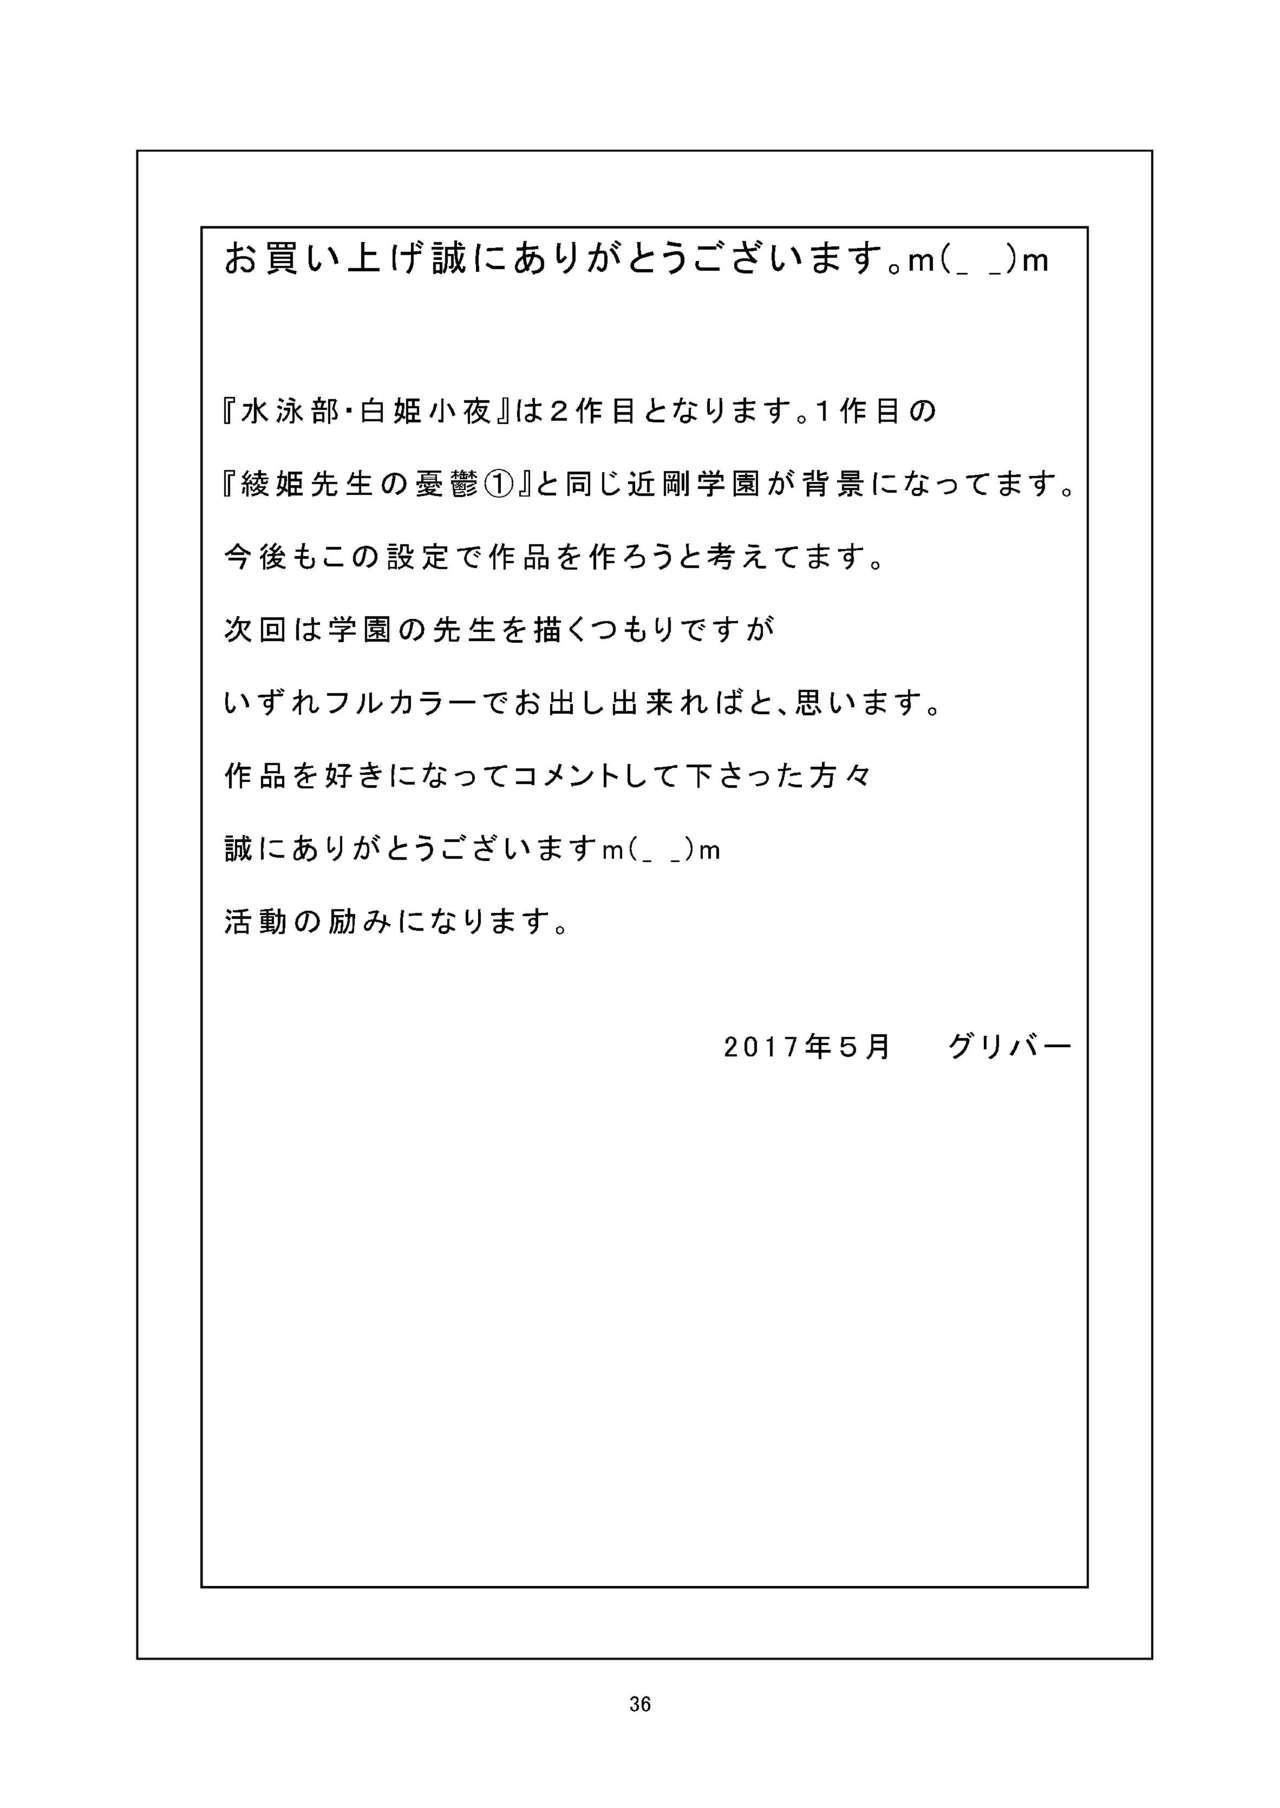 Suieibu - Shirahime Saya no Dokuzai 36